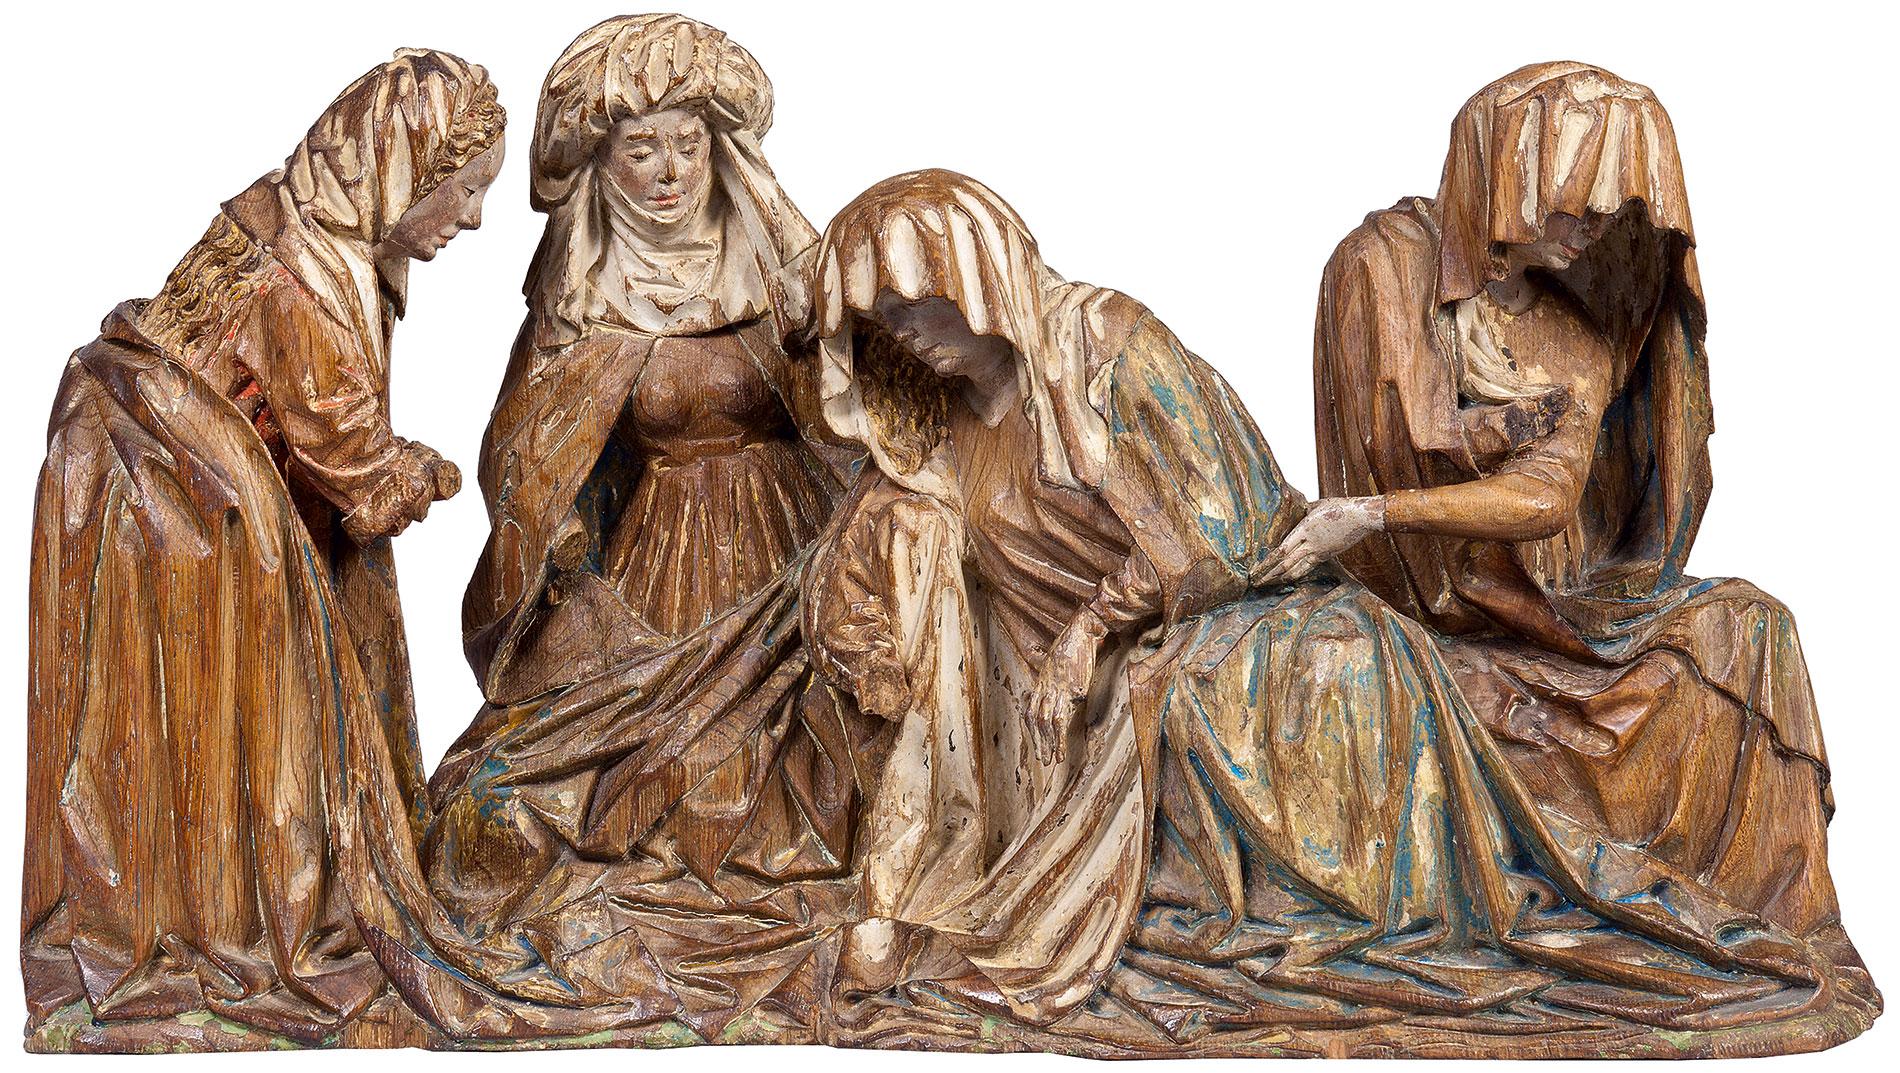 Trauernde Frauen, Figurengruppe aus dem Großen Kalvarienberg, um 1430–40, 29×52,5×10 cm; Museum Schnütgen, Köln